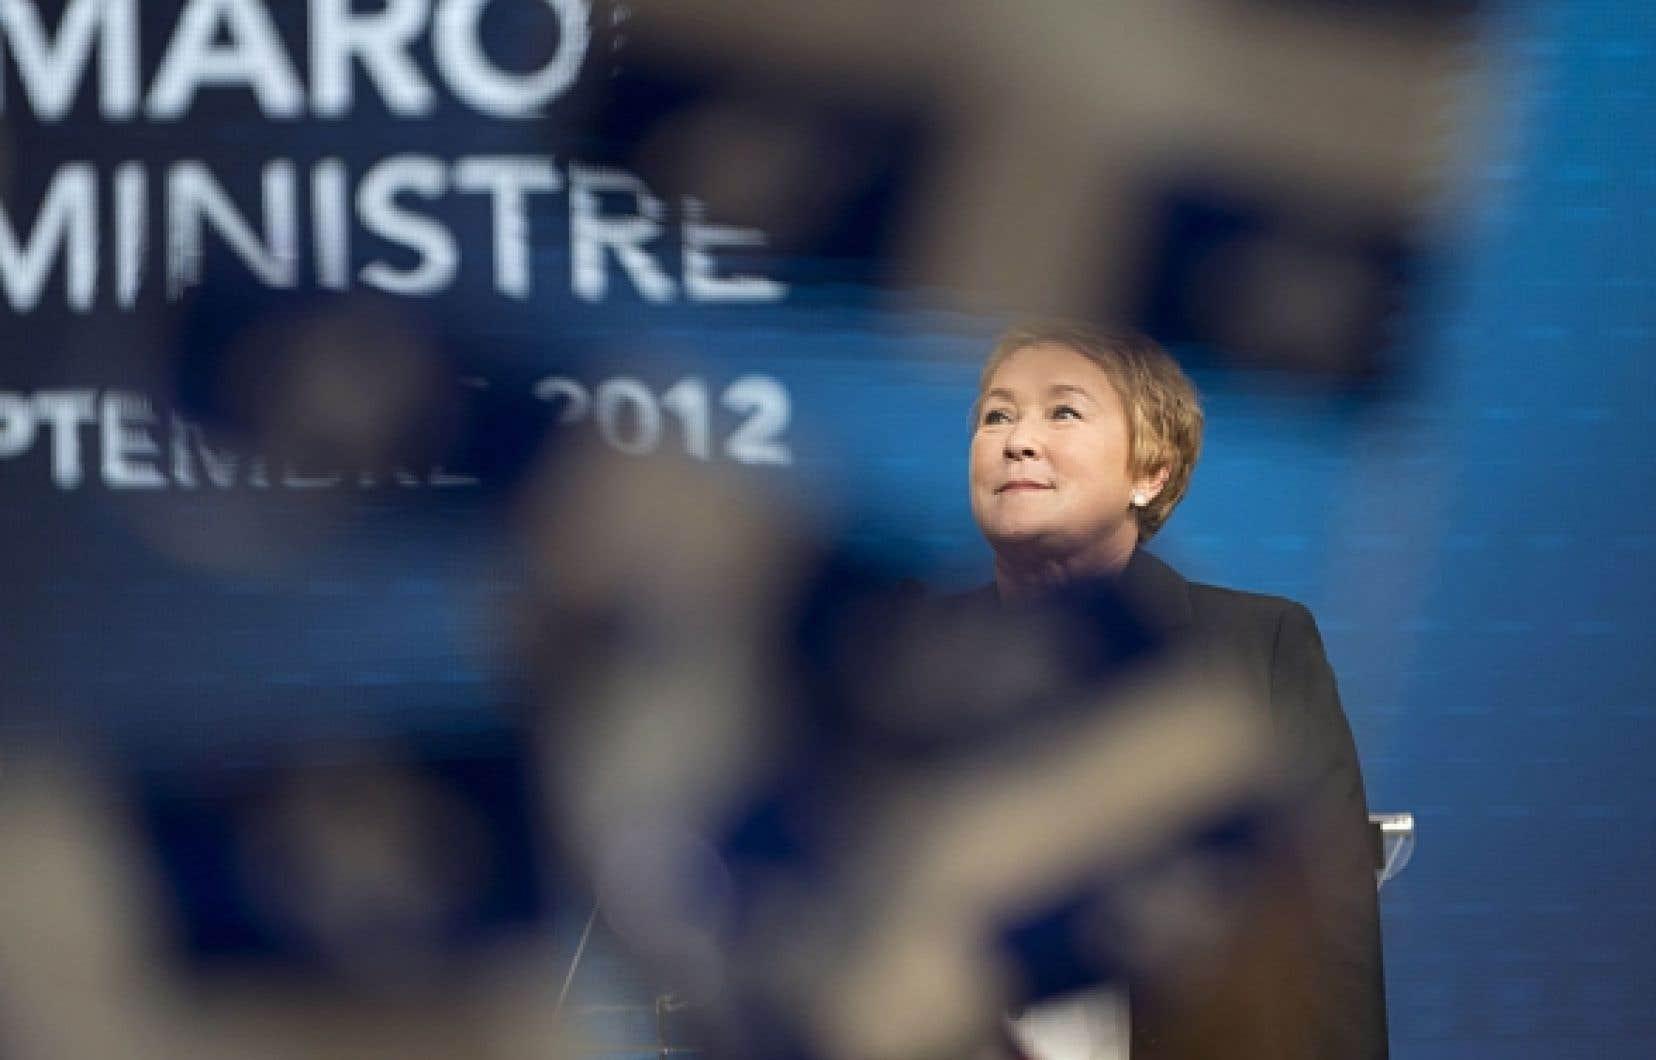 Carolle Dubé, la nouvelle présidente de l'Alliance du personnel professionnel et technique de la santé et des services sociaux, souligne que l'élection de Pauline Marois comme première ministre du Québec est « une grande avancée pour le Québec ». Devant le gouvernement minoritaire qui exigera des compromis, elle appelle tous les partis présents à l'Assemblée nationale à respecter le choix de la population.